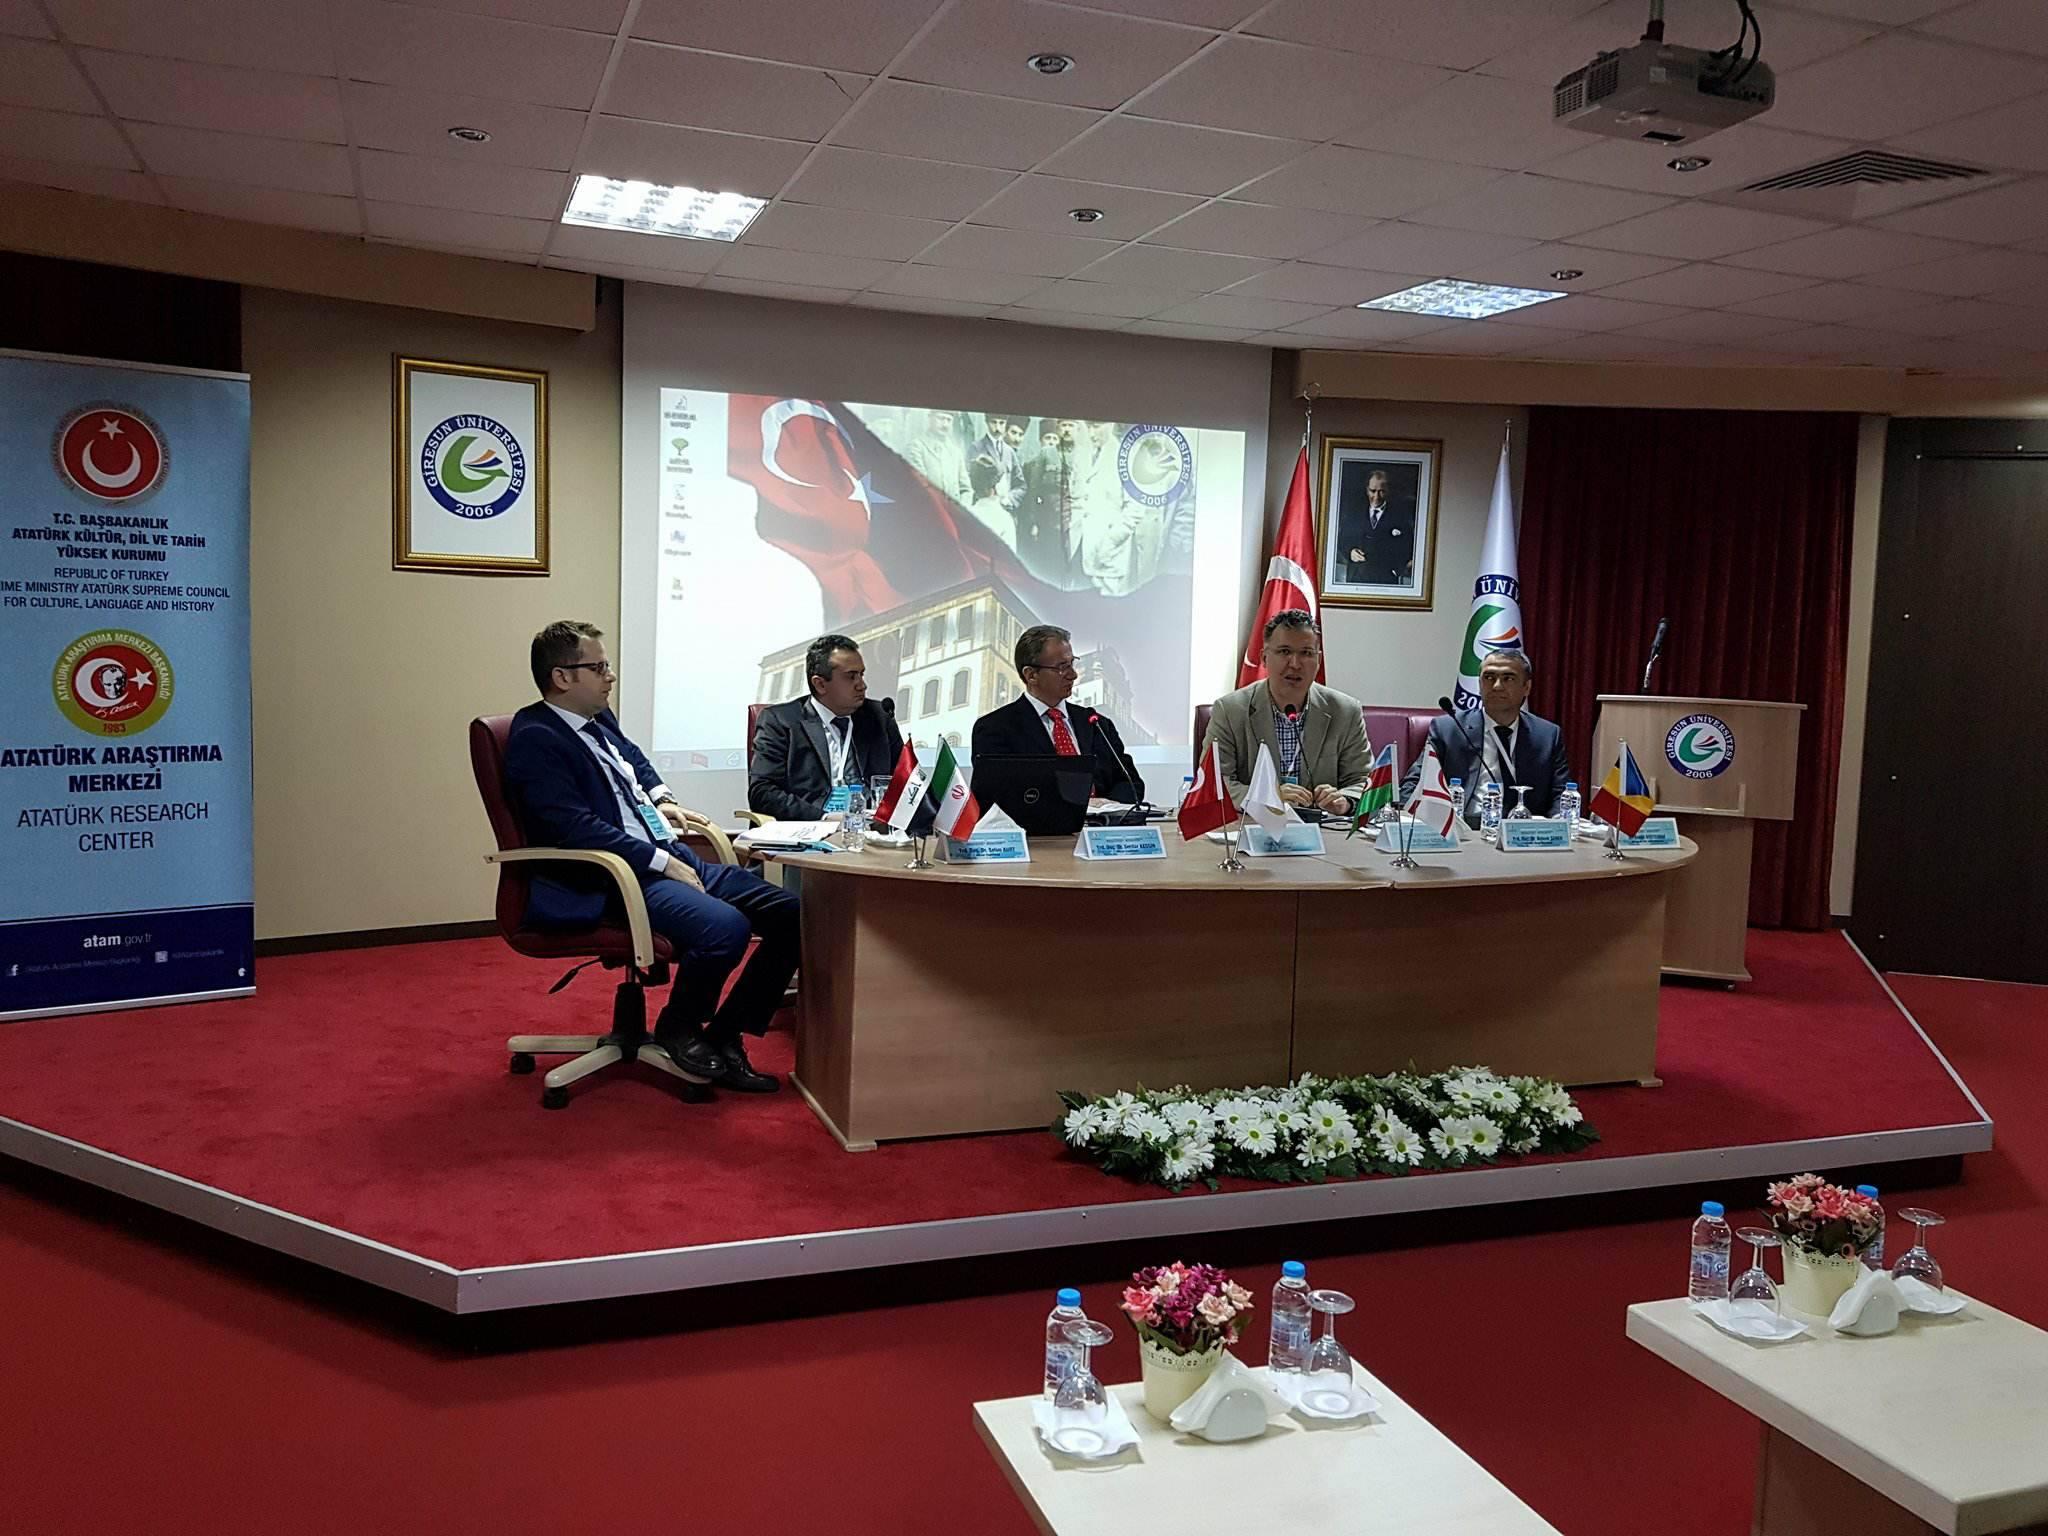 30 Kasım-2 Aralık 2017, Giresun, ATAM ve Giresun Üniversitesi, ile ilgili görsel sonucu